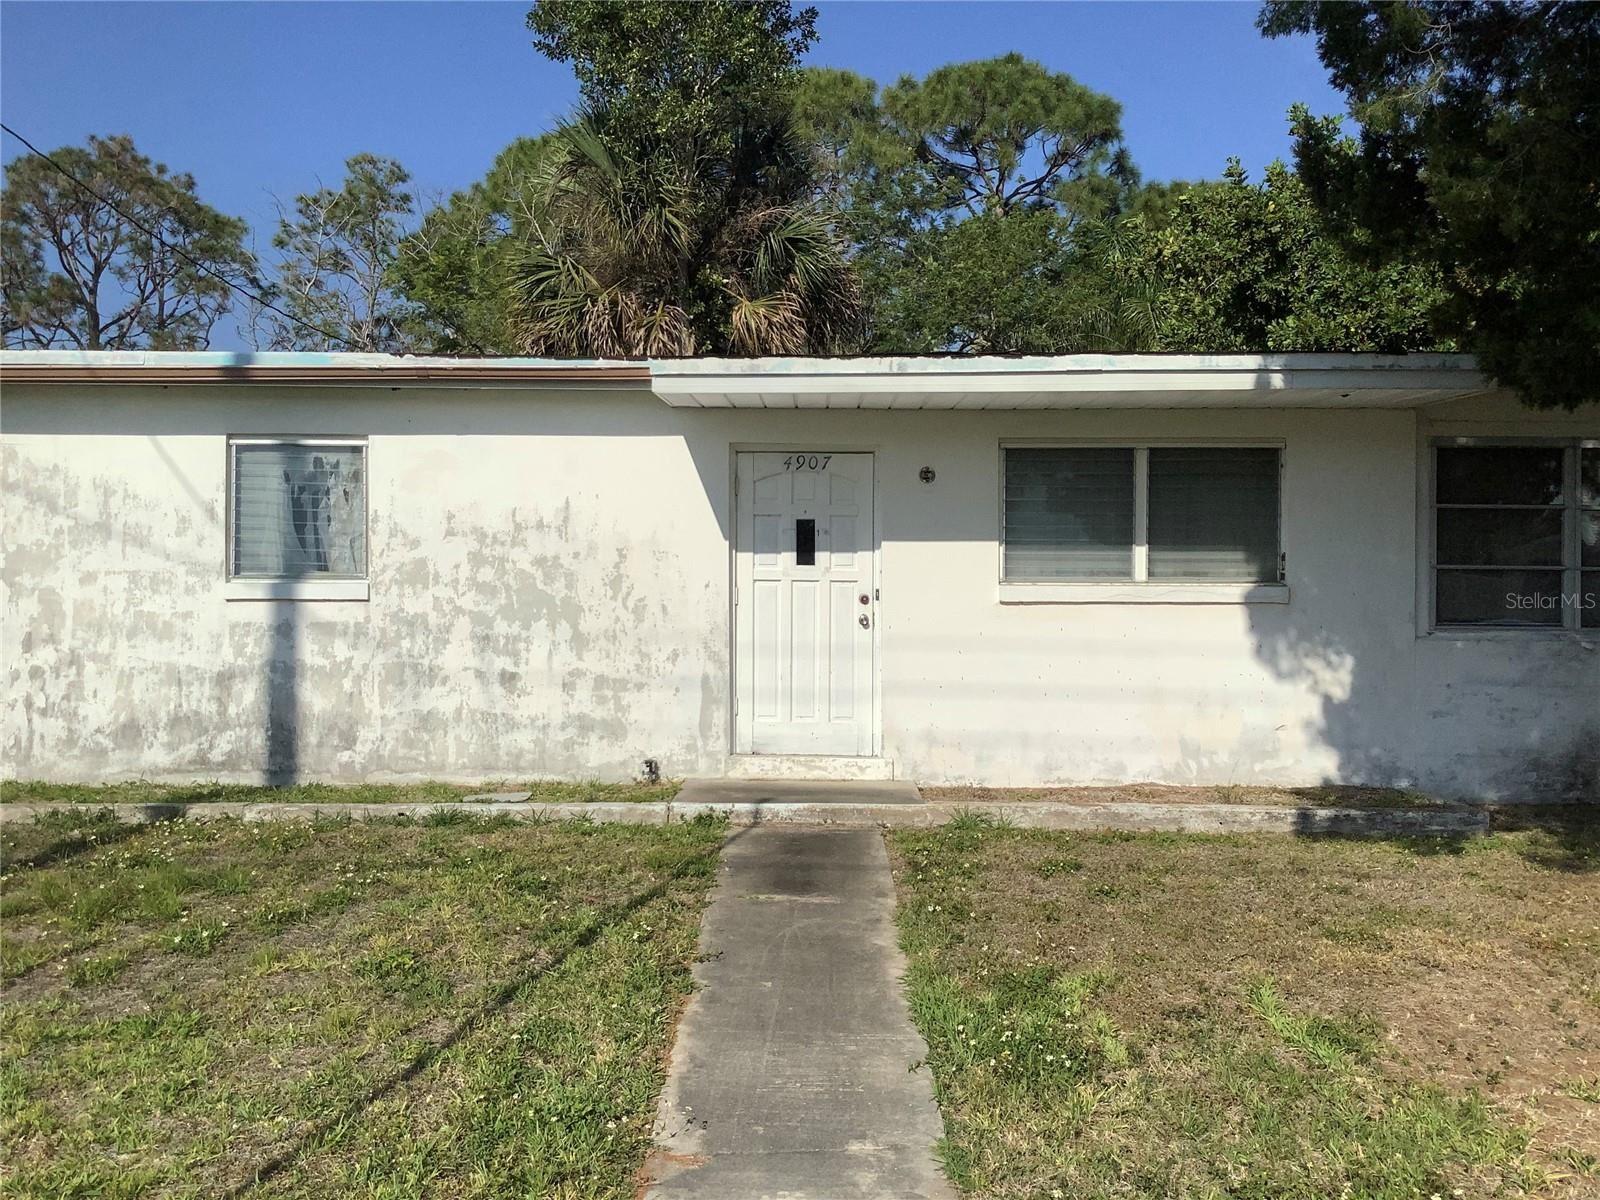 Photo of 4907 BULLARD STREET, NORTH PORT, FL 34287 (MLS # D6119195)